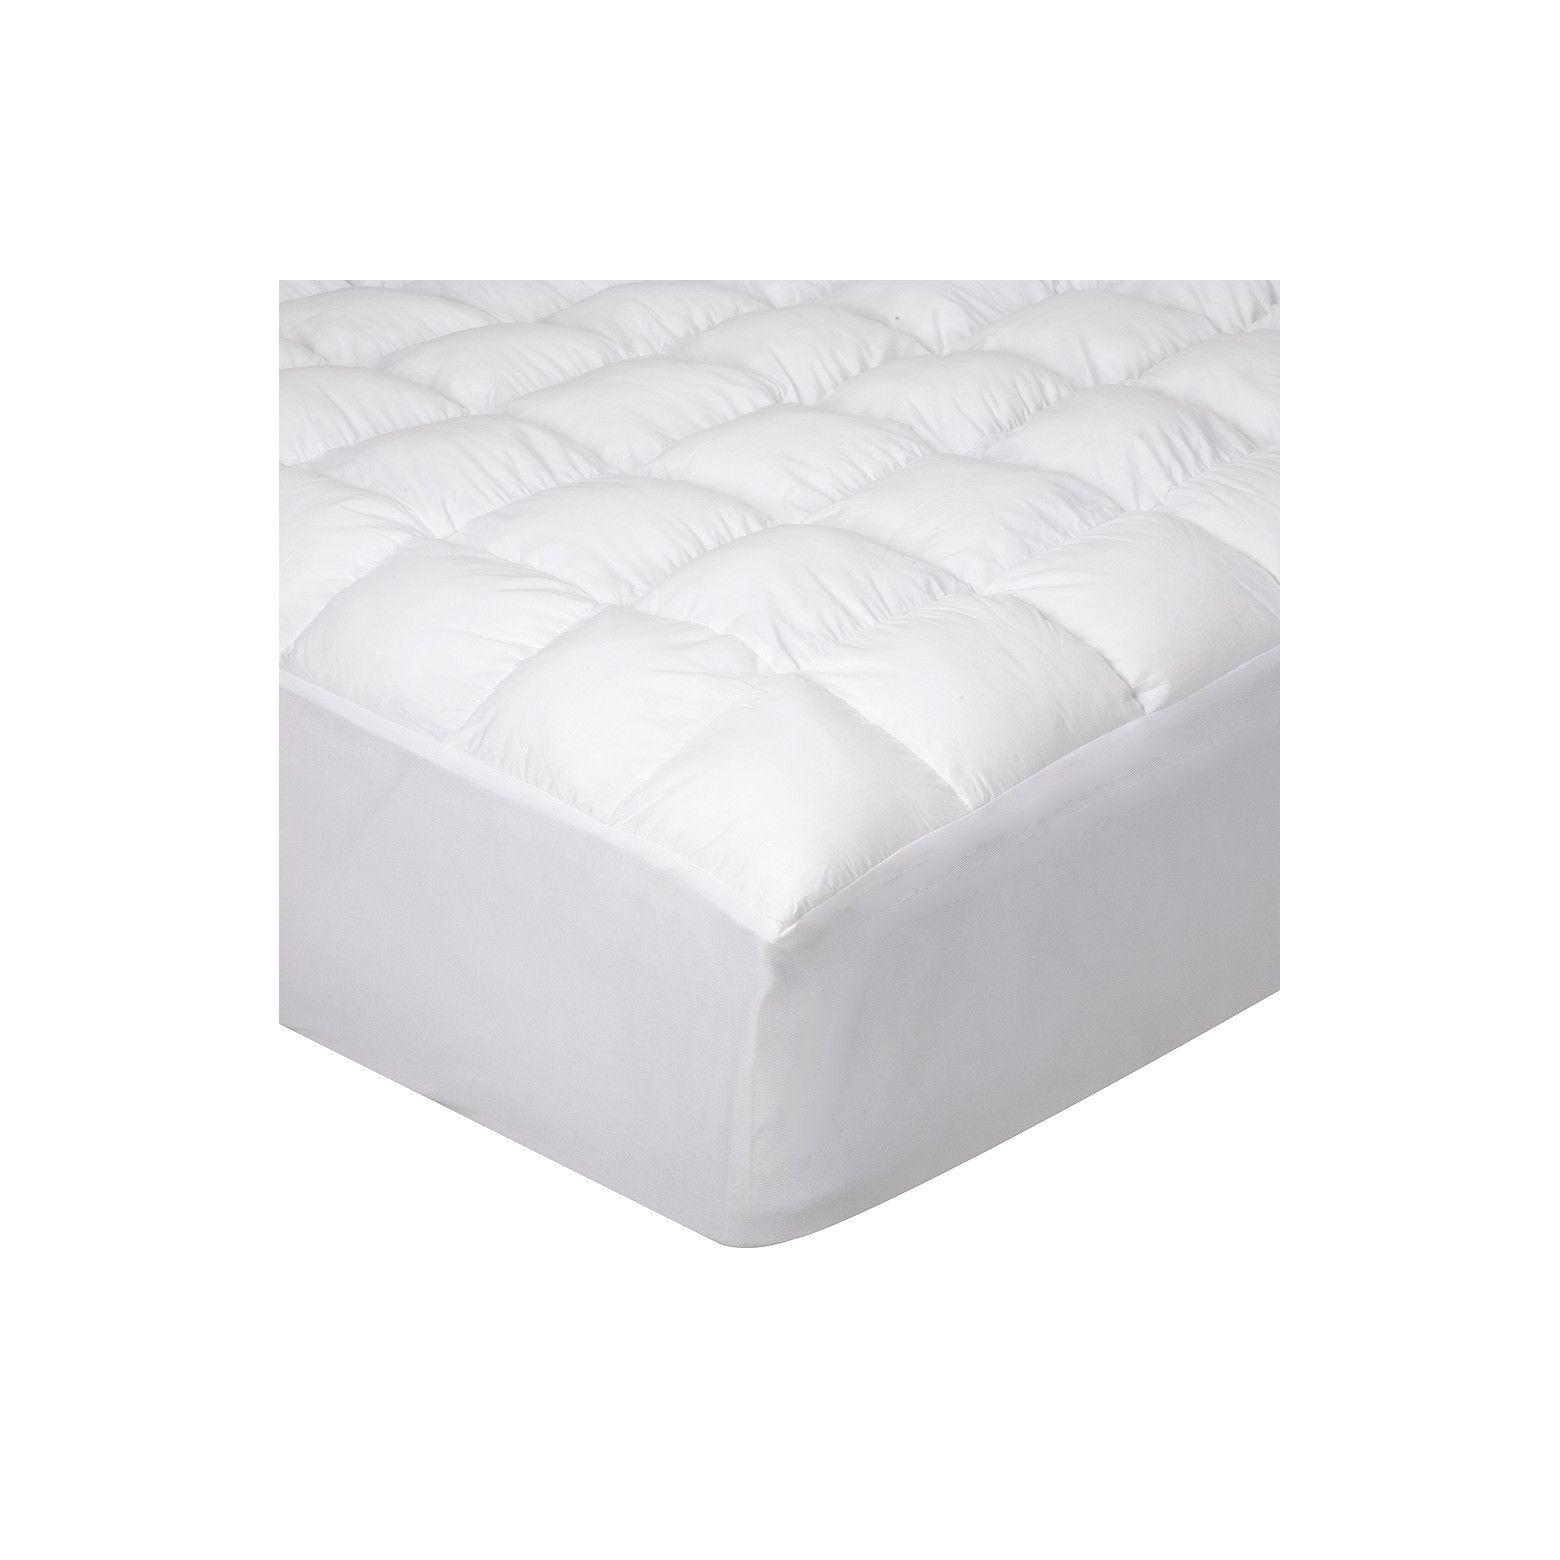 magic loft mattress pad mattress pad mattress and lofts